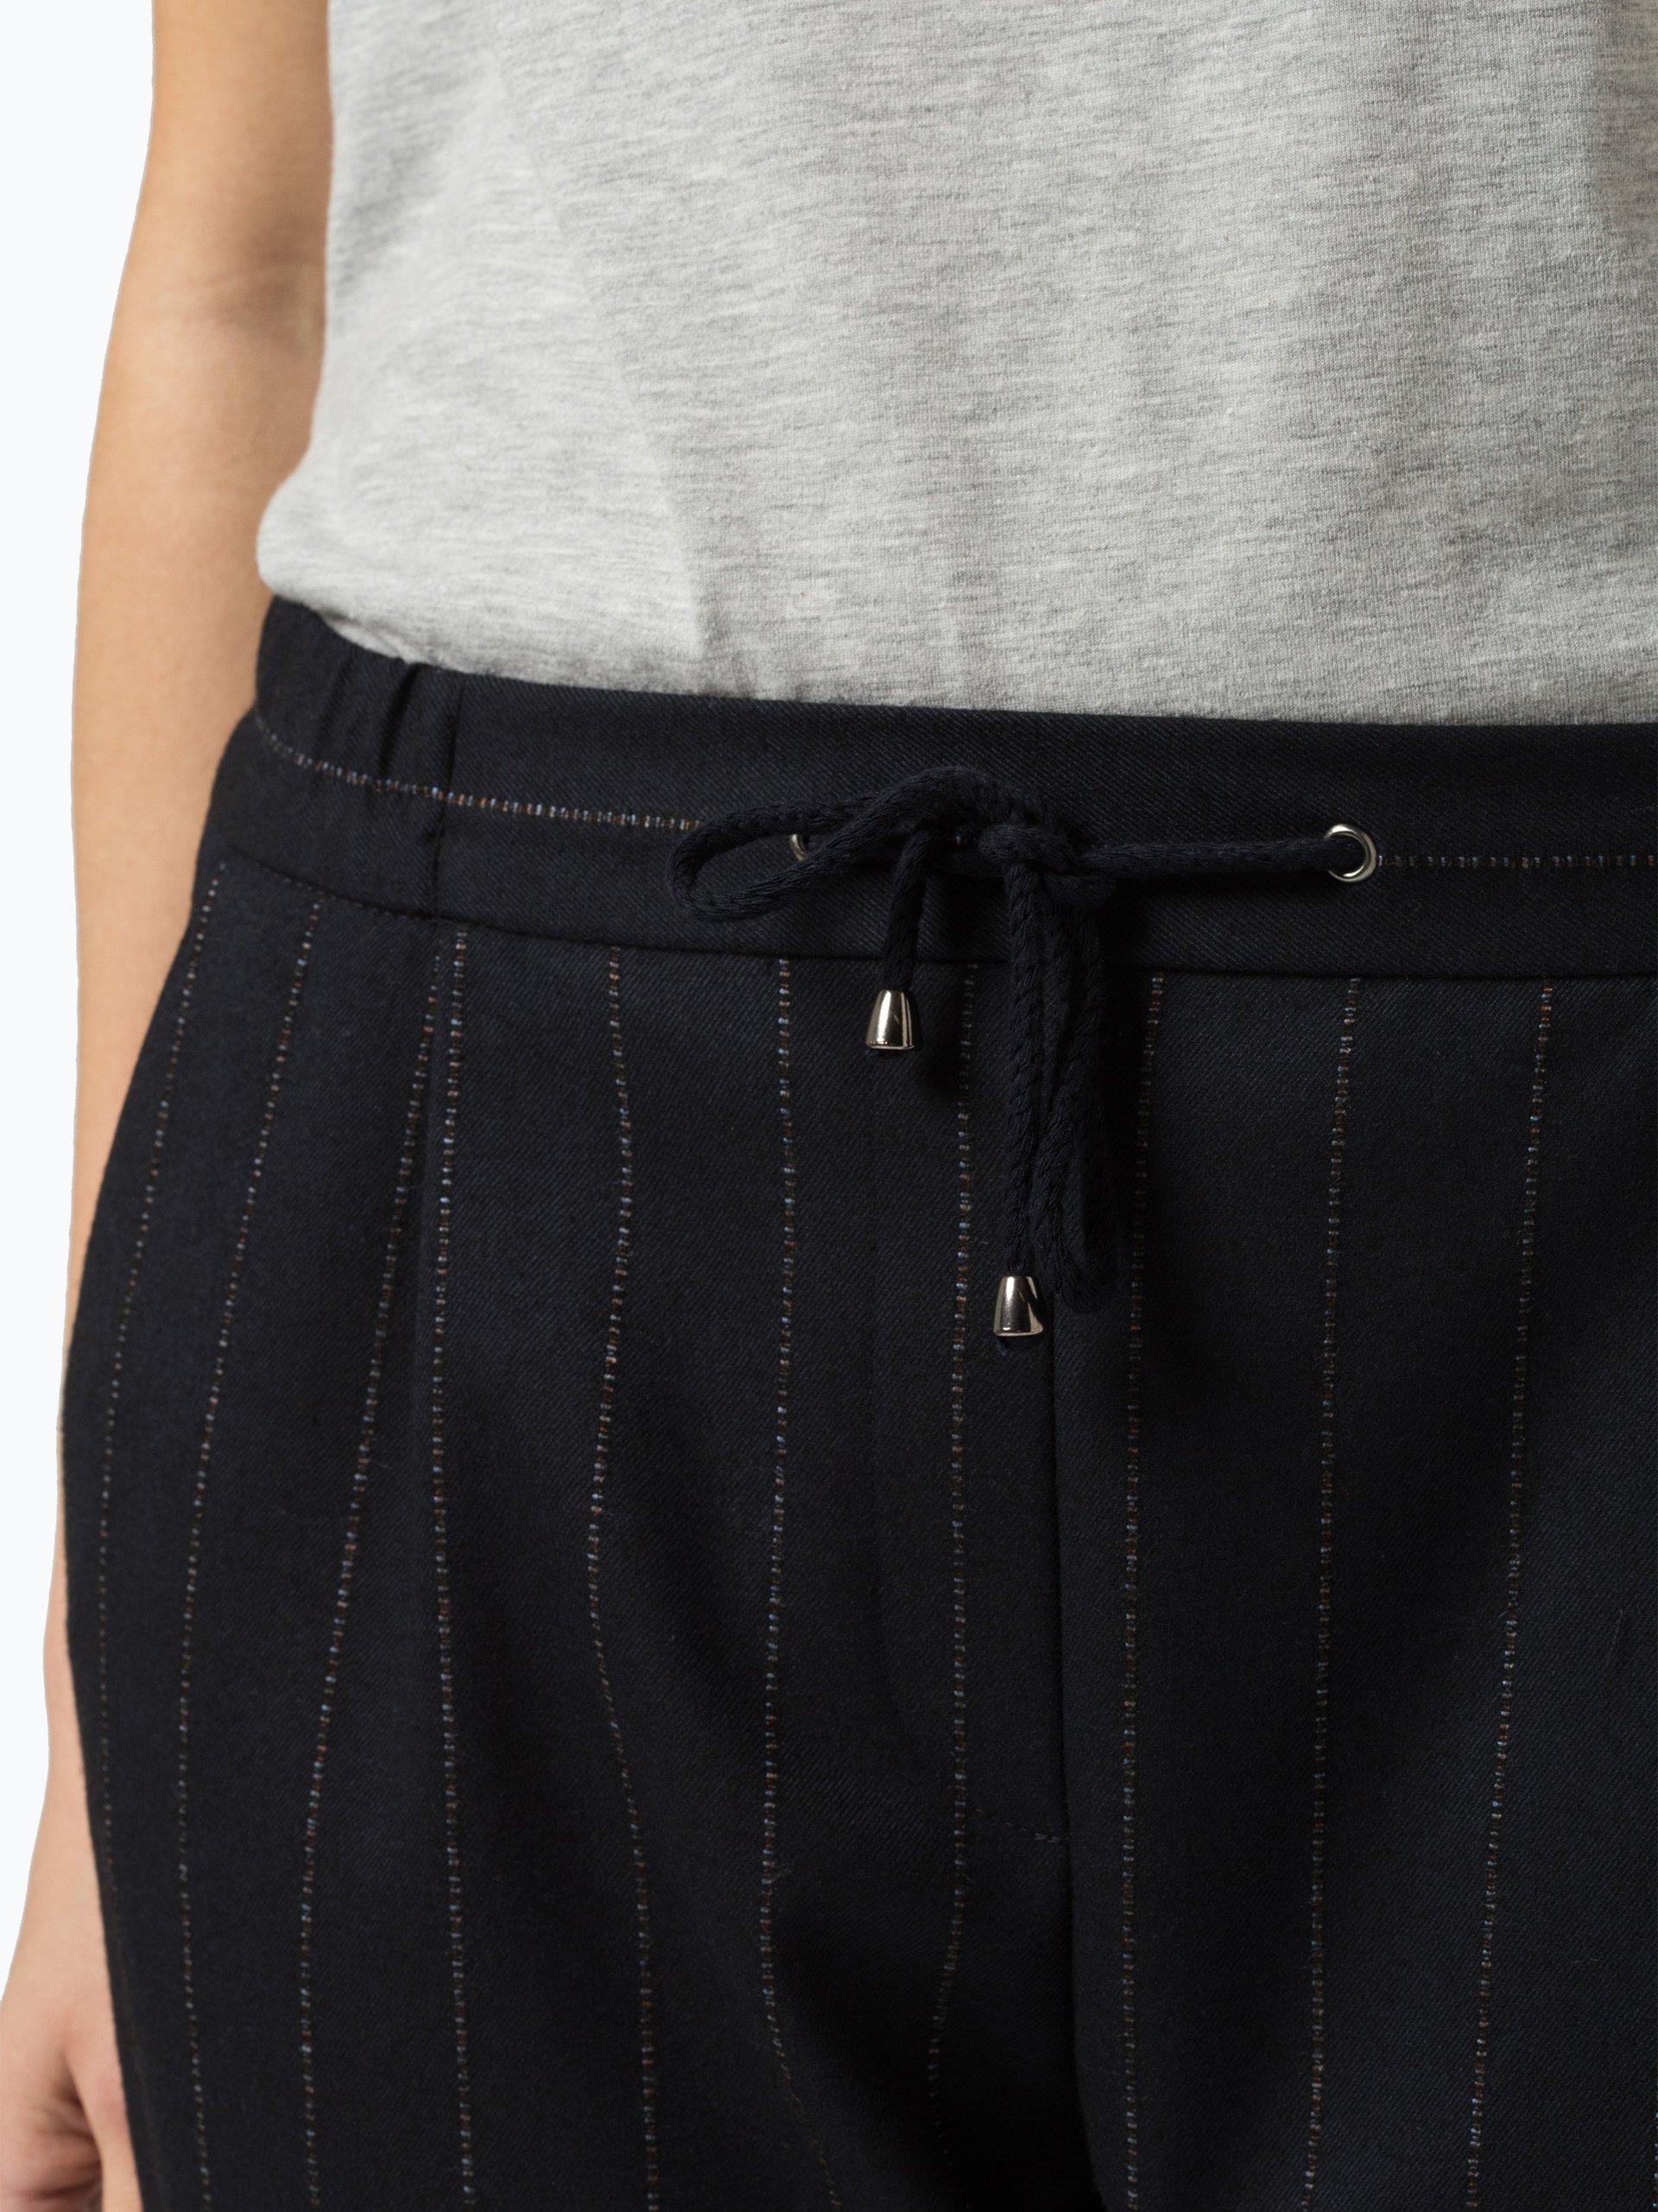 talk about Spodnie damskie